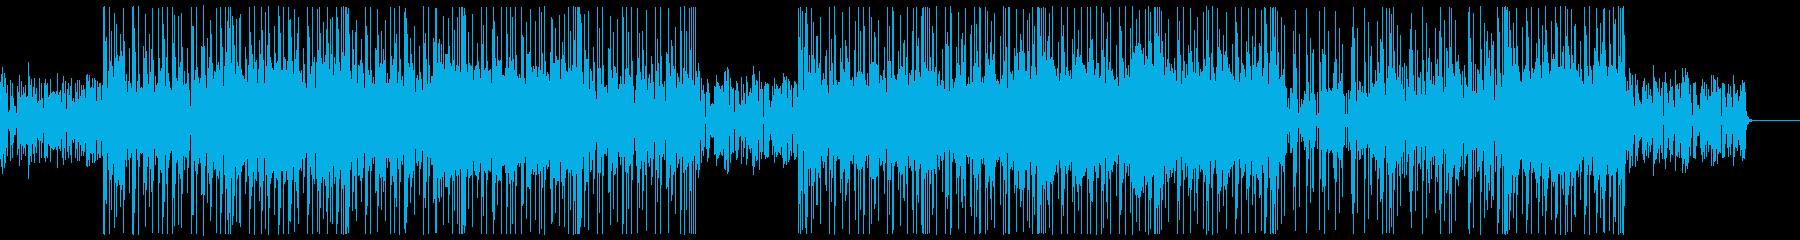 ノリの良いクールなブレイクビーツの再生済みの波形